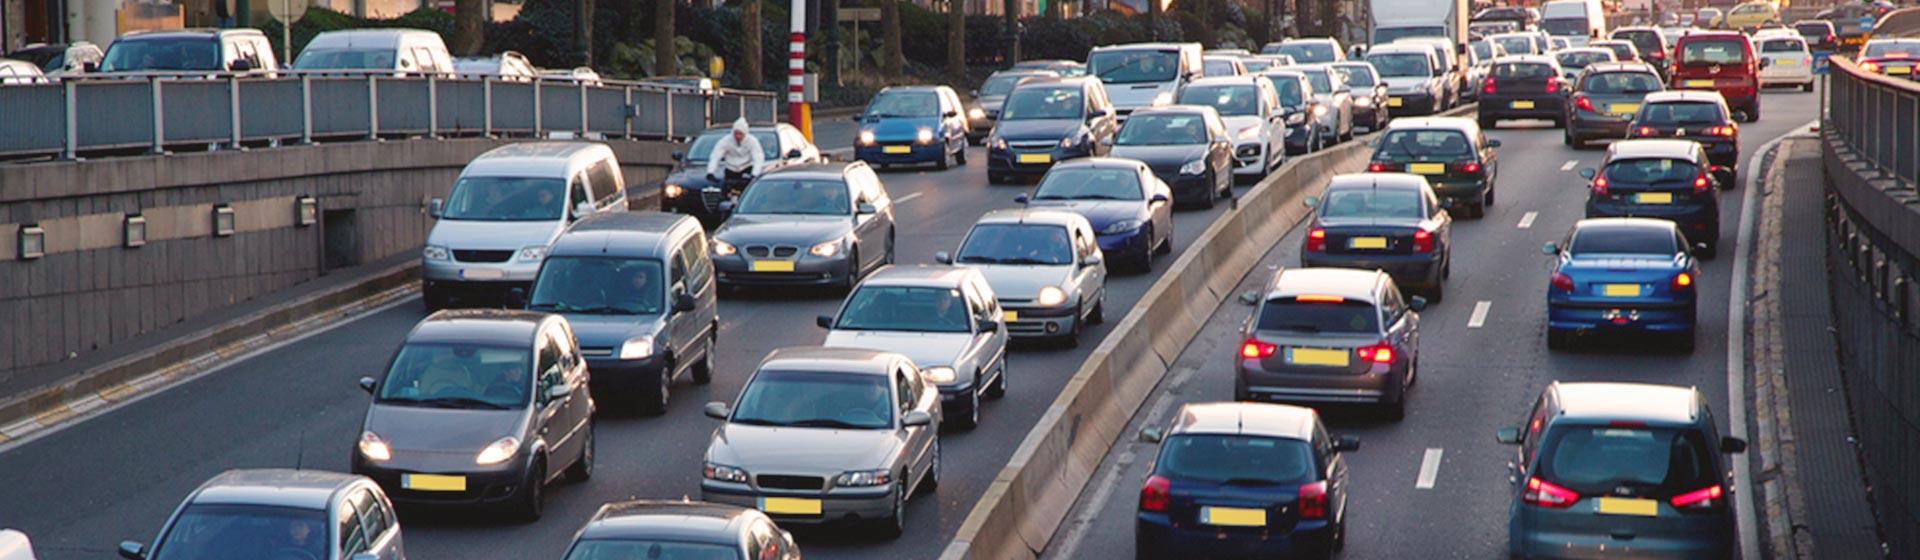 Autoverzekering voor zelfrijdende auto